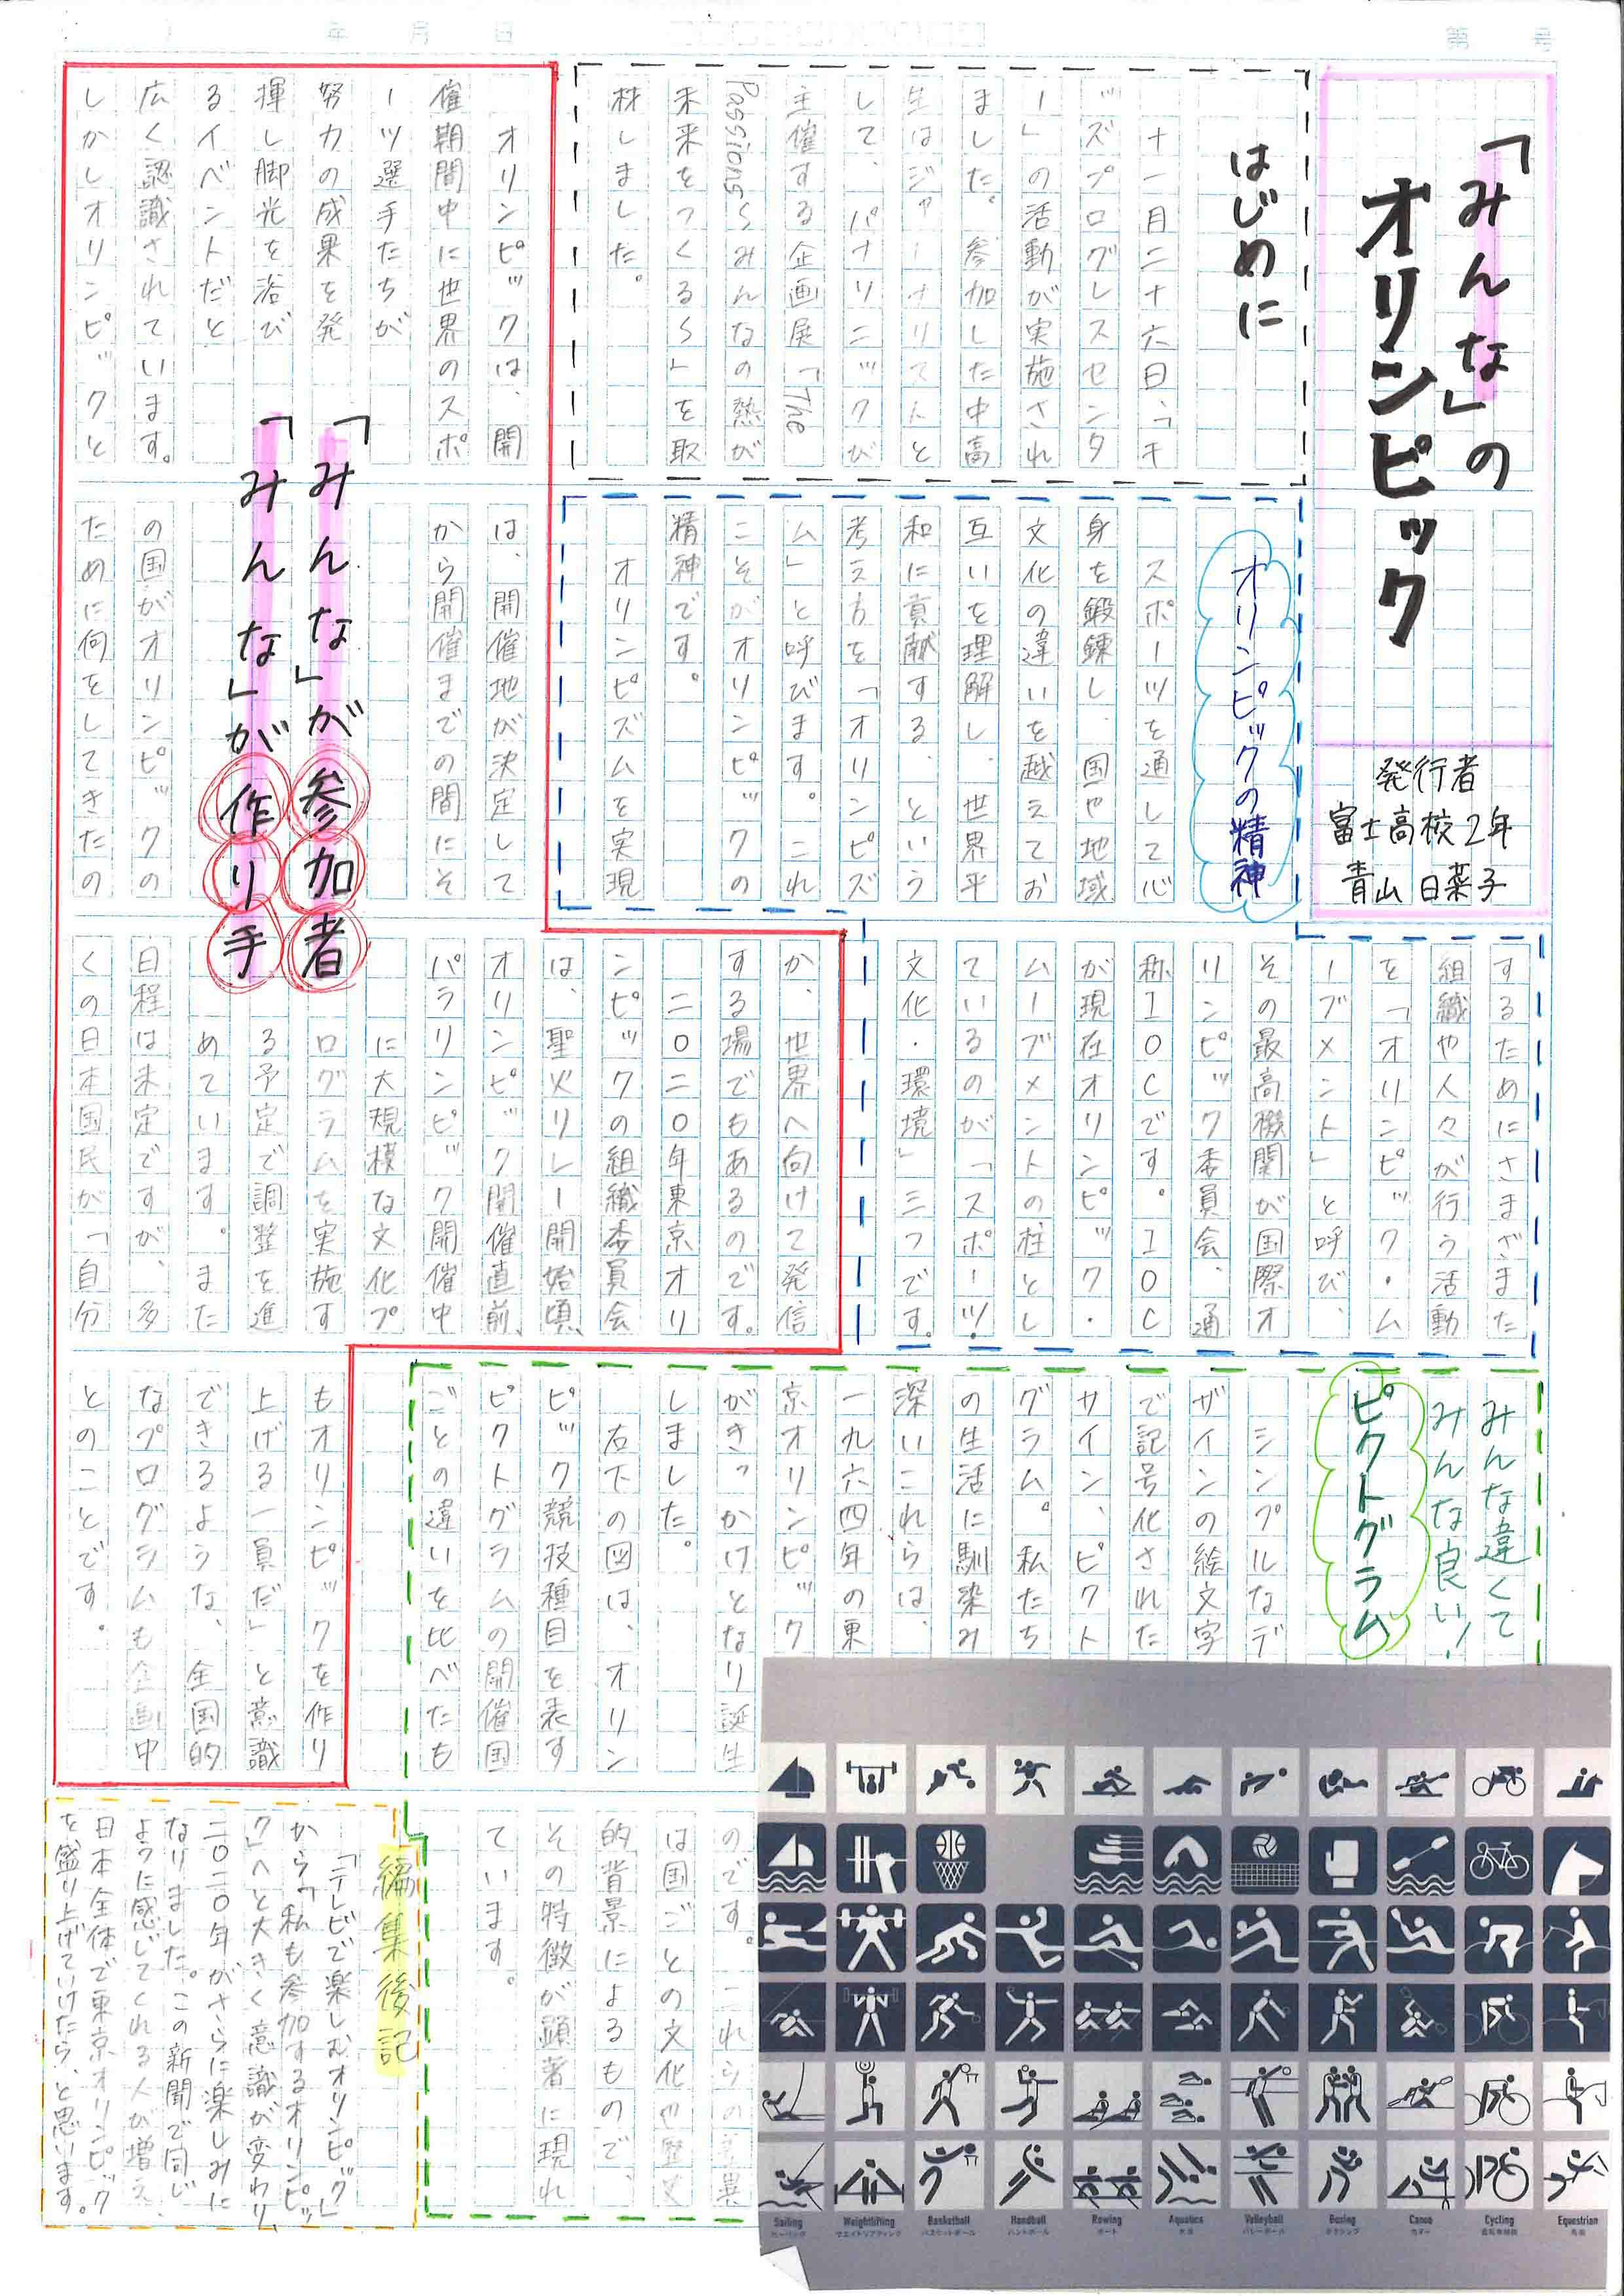 http://bunp.47news.jp/event/images/e_minna_aoyama1711.jpg